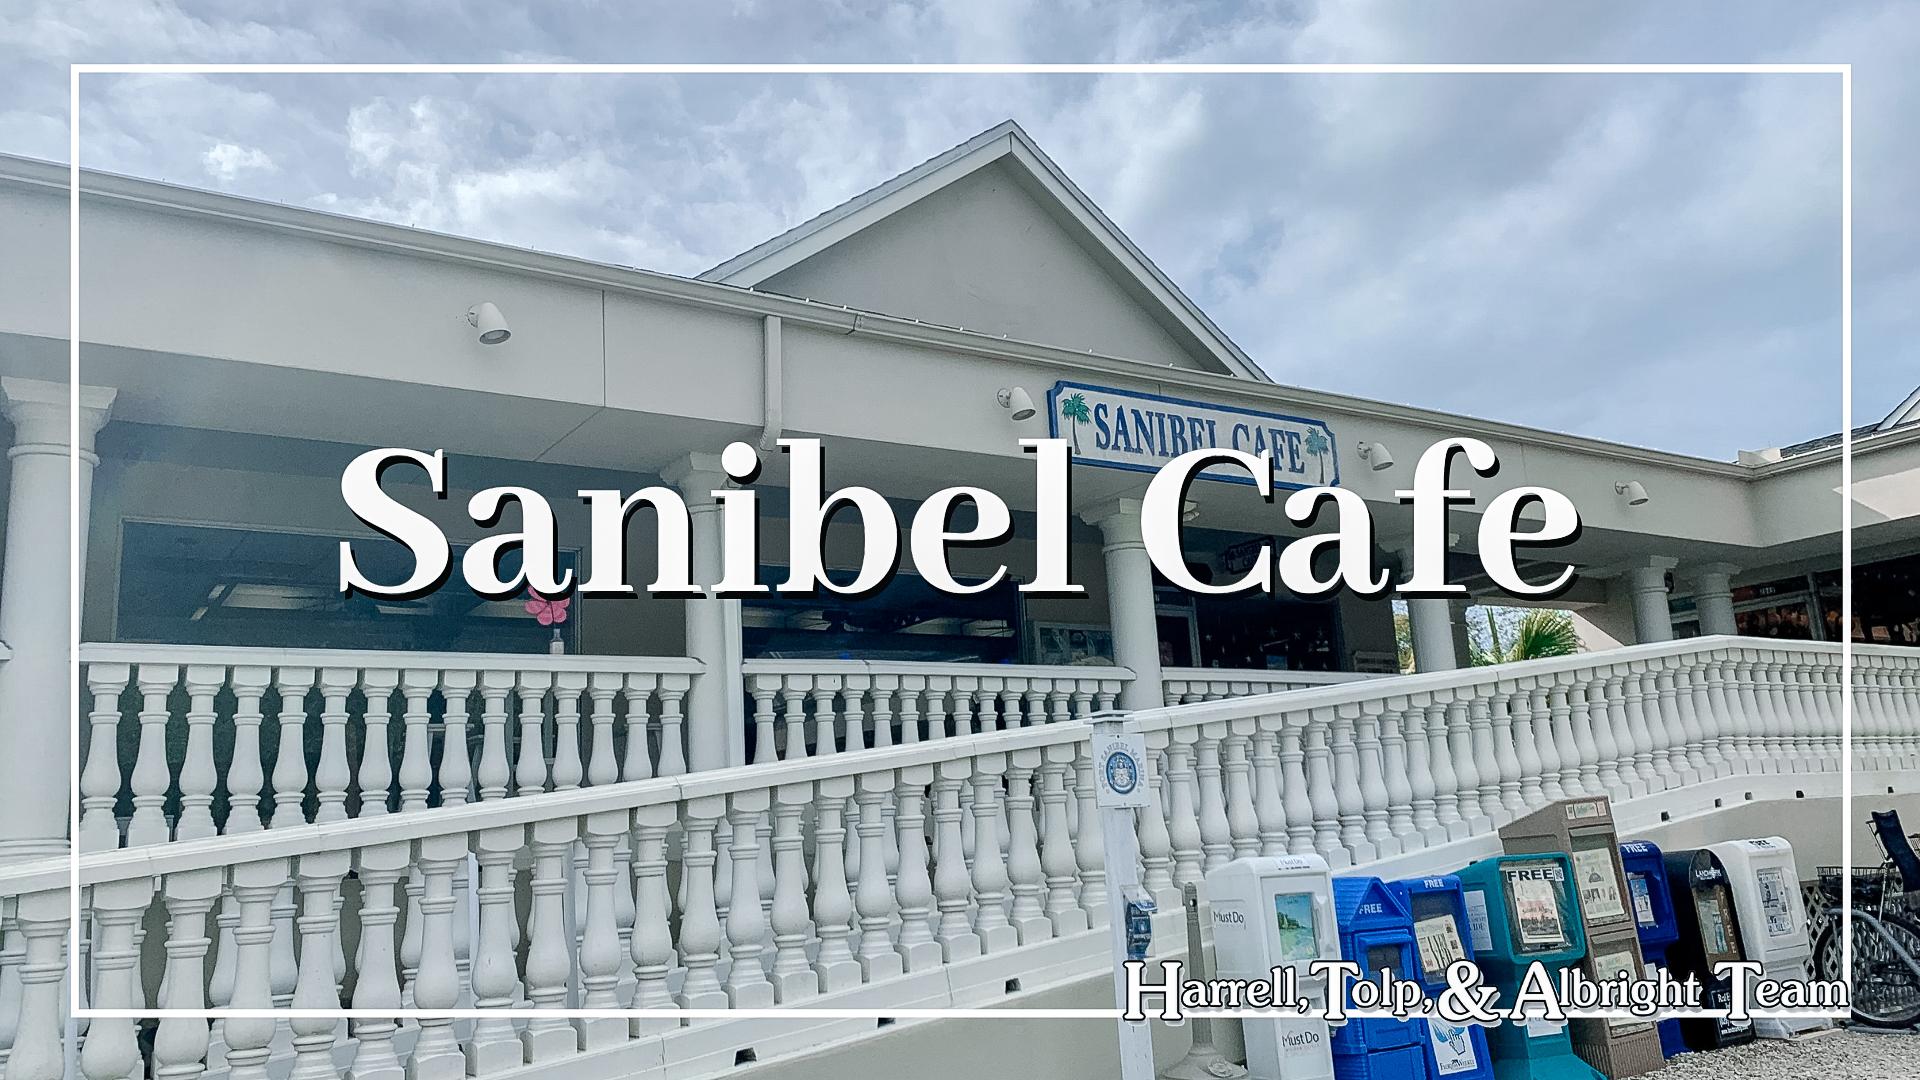 Sanibel Cafe